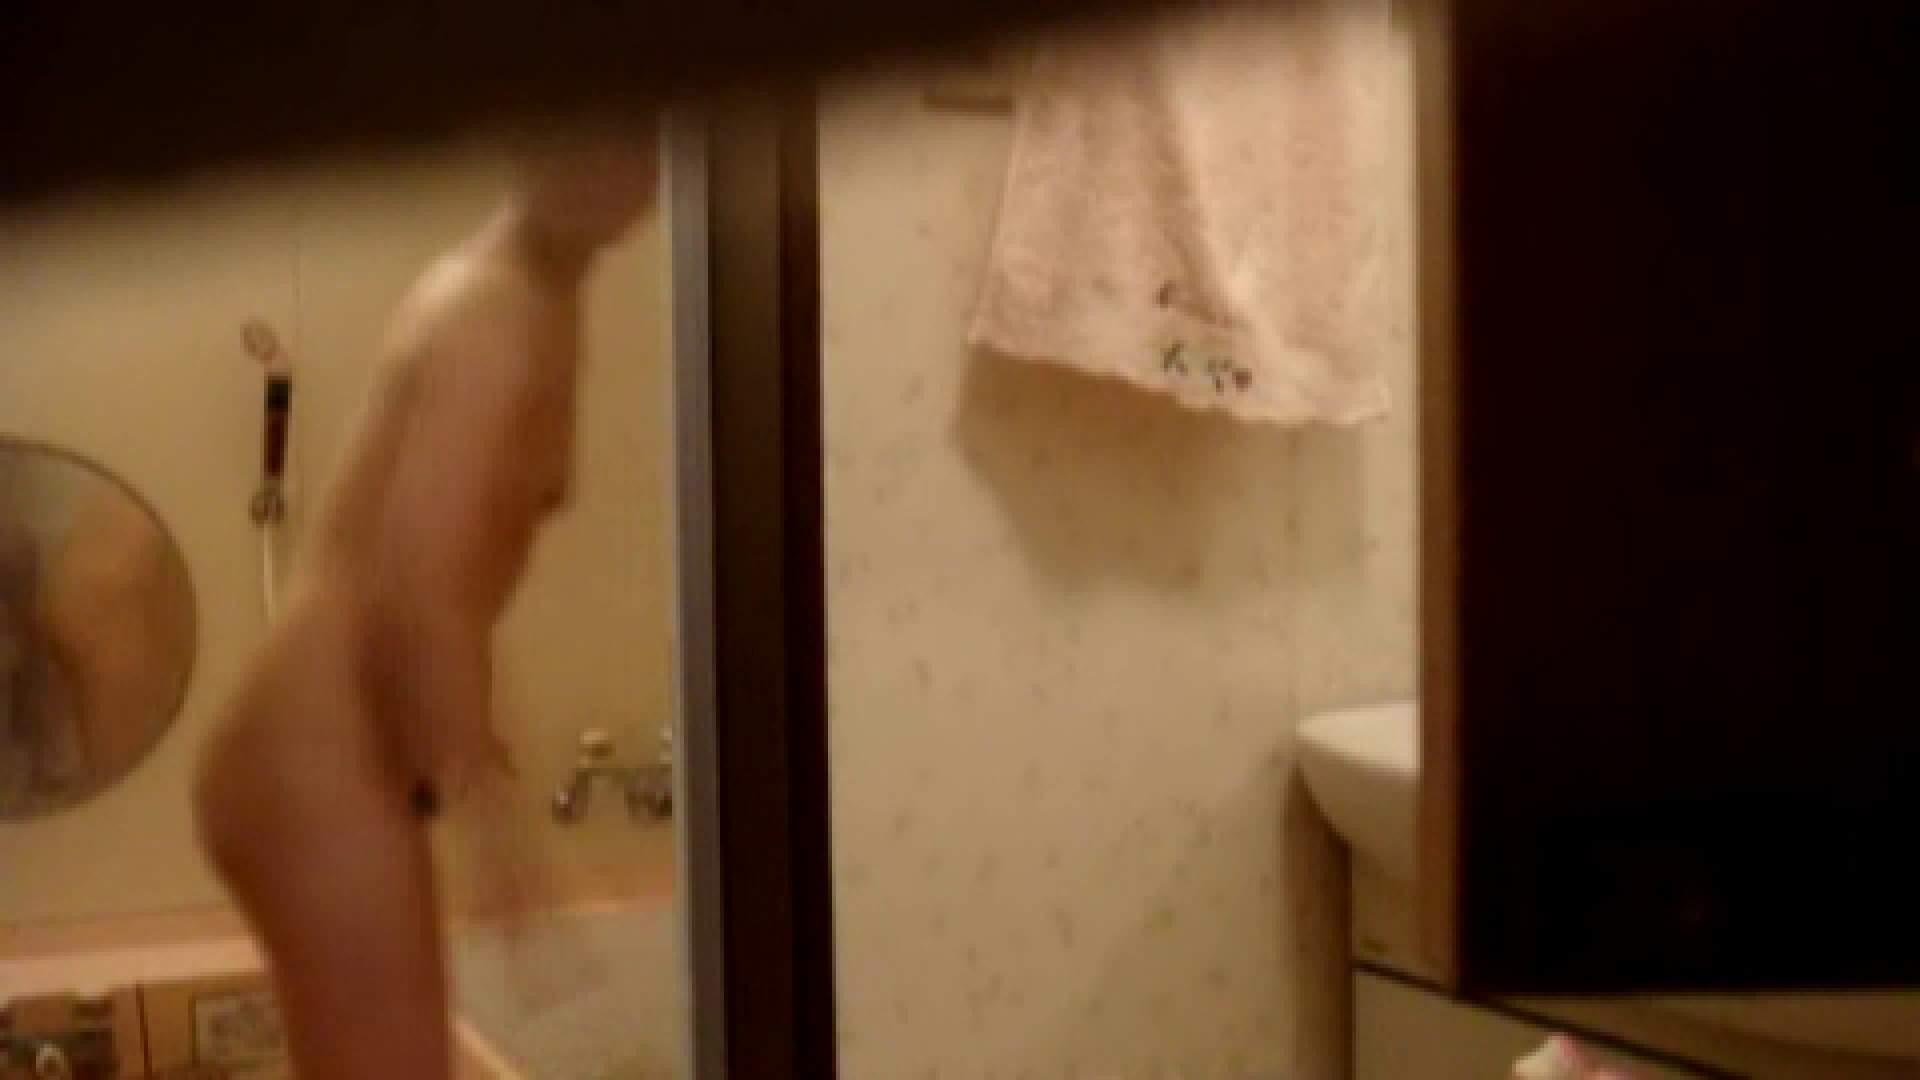 二人とも育てた甲斐がありました… vol.08 まどかの入浴中にカメラに気付いたか!? 綺麗なOLたち | 入浴  90枚 17